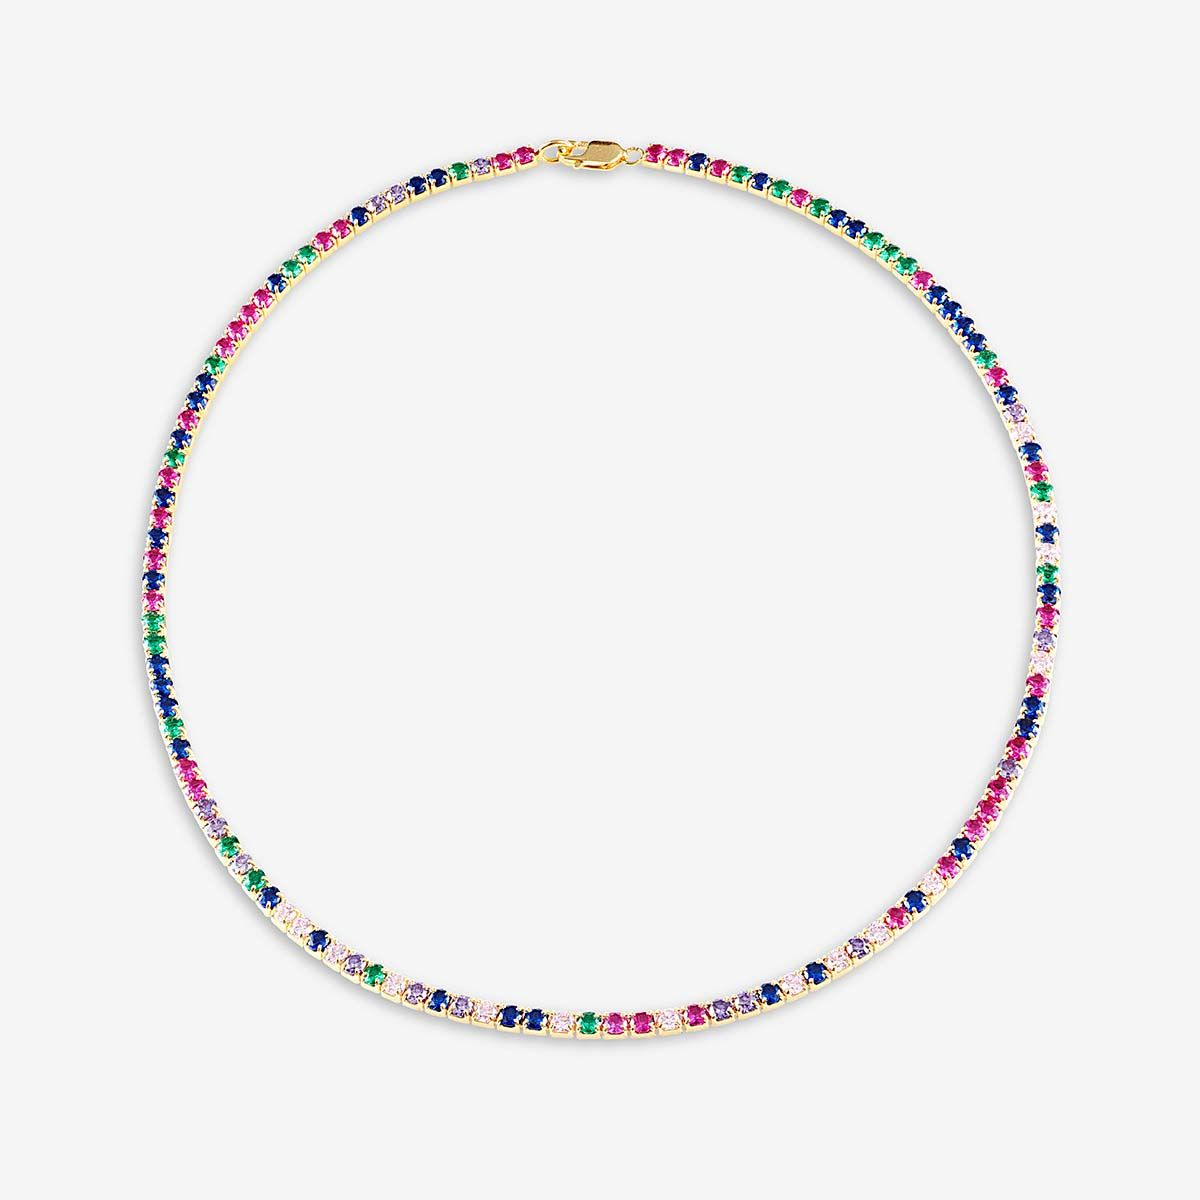 Tennis Choker - Mulit Color - Choker - 18k vergoldet